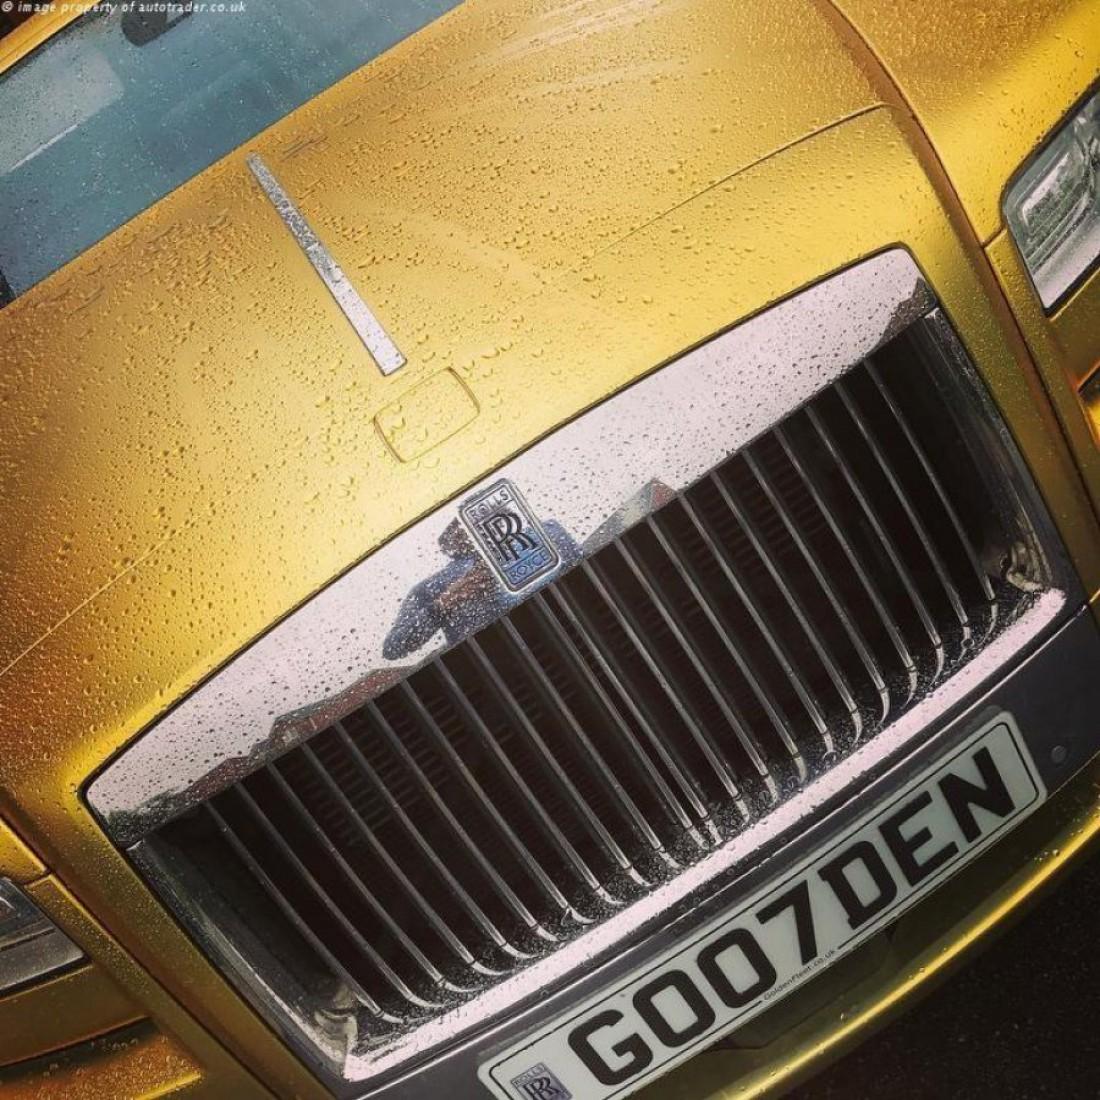 Золотой Rolls-Royce Ghost. В слезах. Узнал, что у тебя нет 16 биткоинов